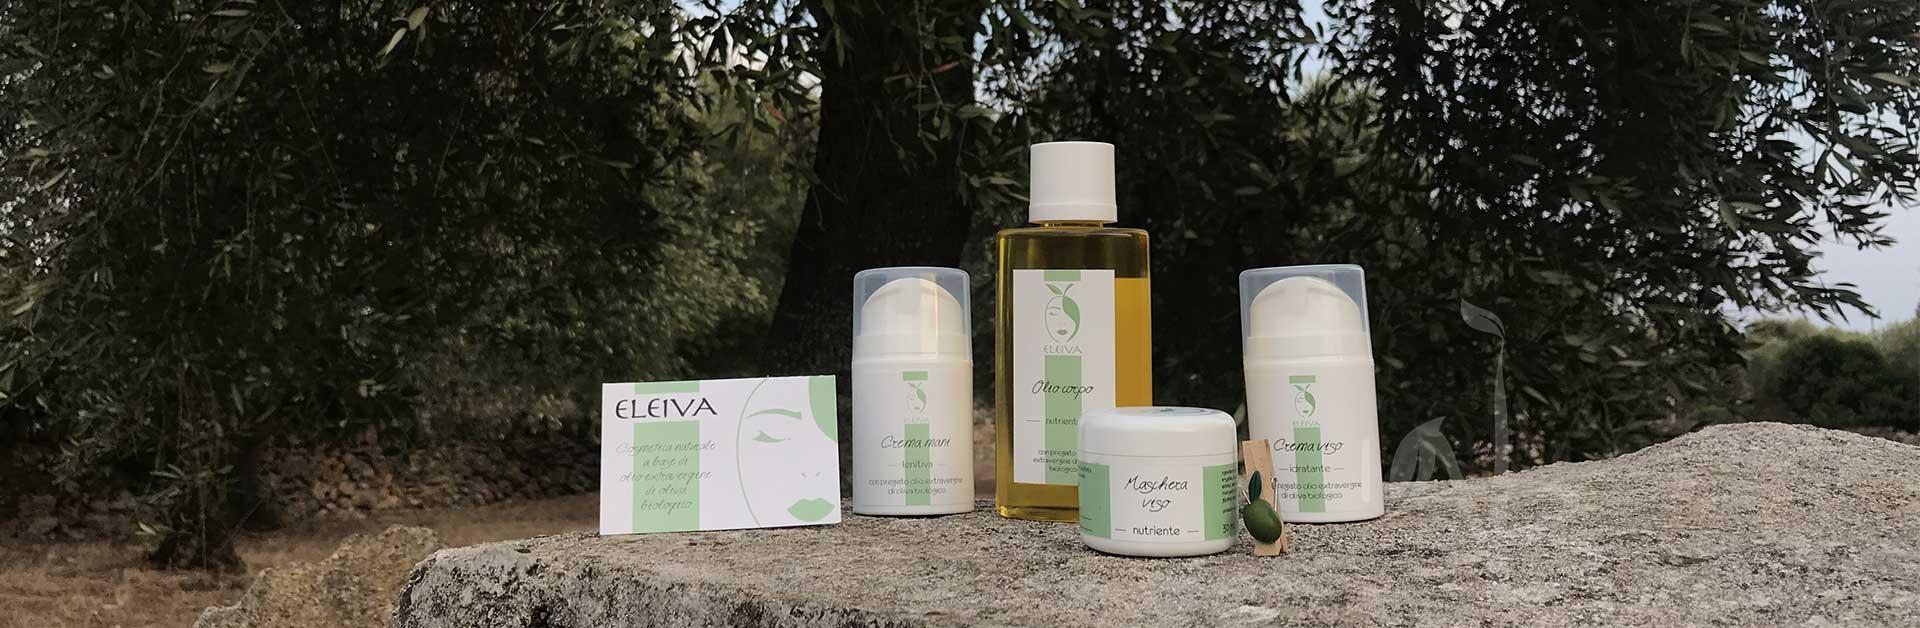 Prodotti con olio di oliva Eleiva